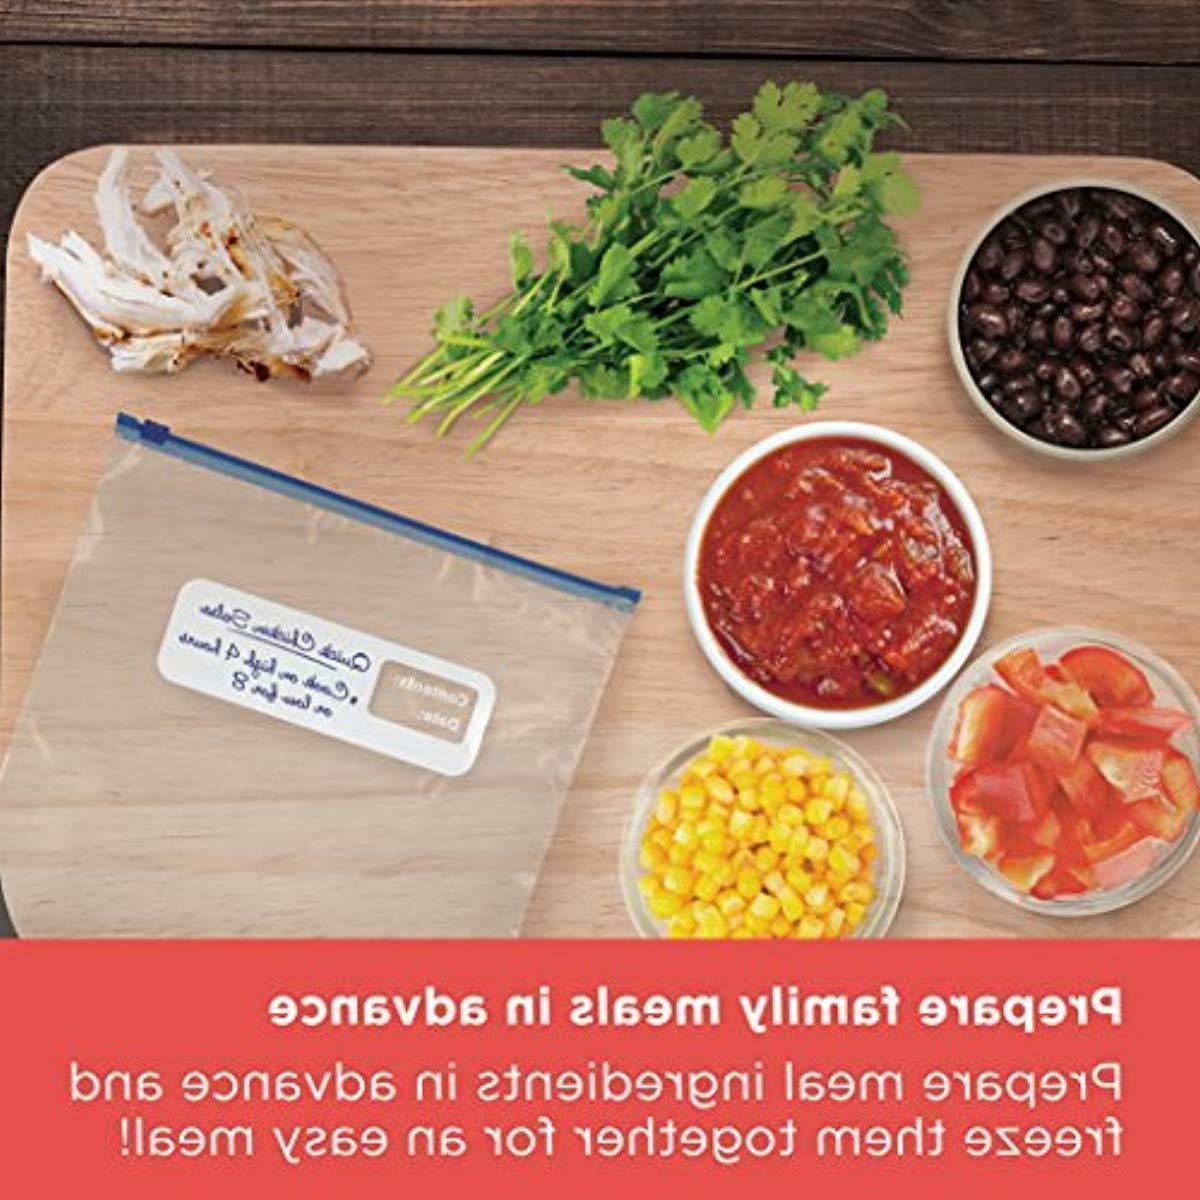 Programmable Slow Cooker Digital Timer,